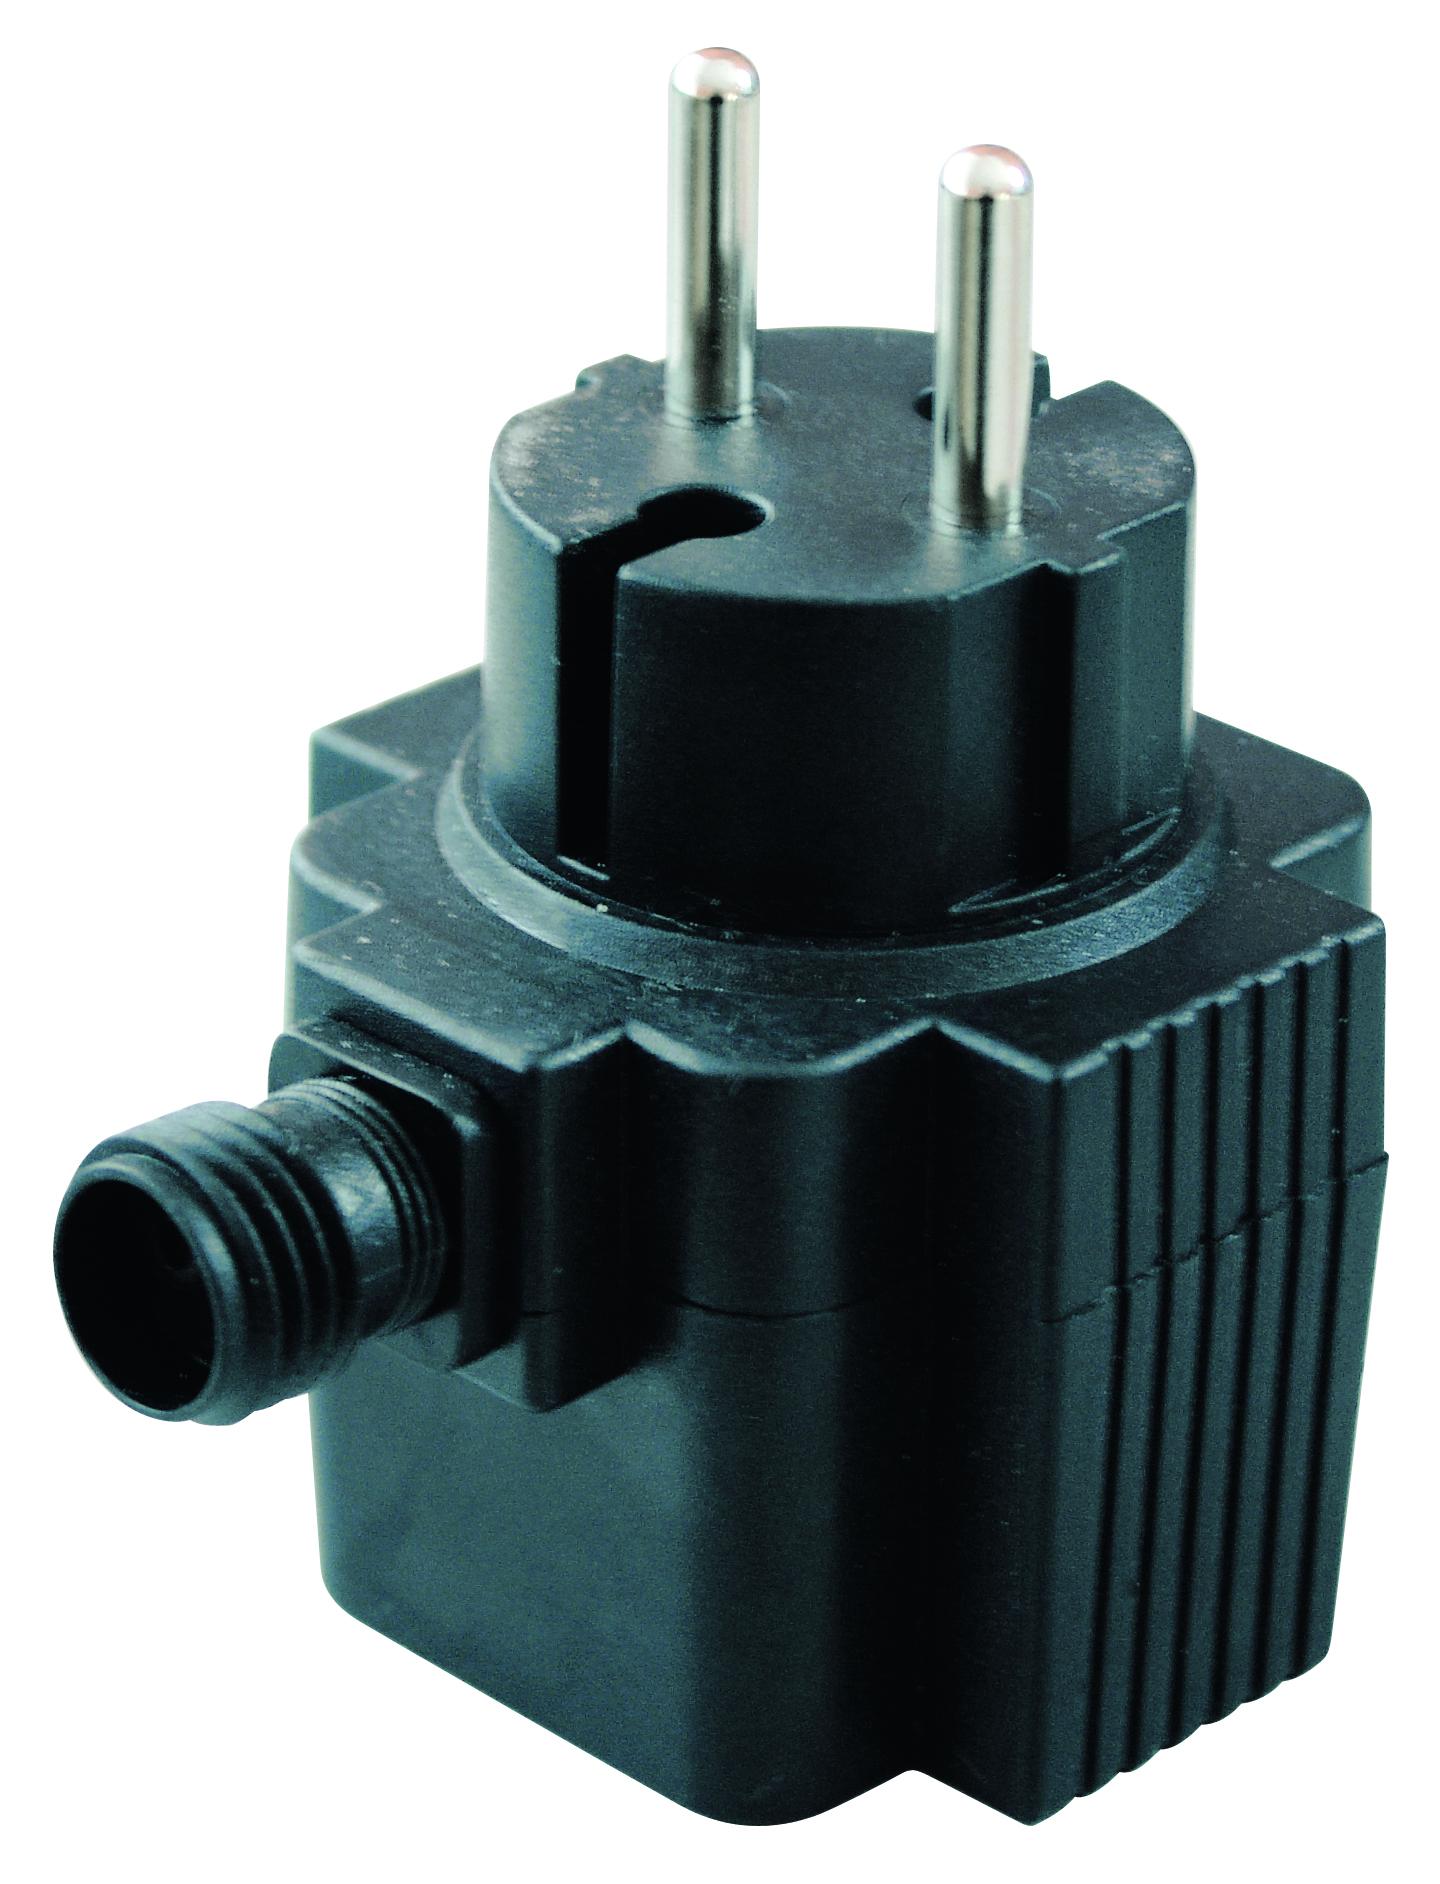 steckernetzgerät 20 w - seliger licht- & wassertechnik